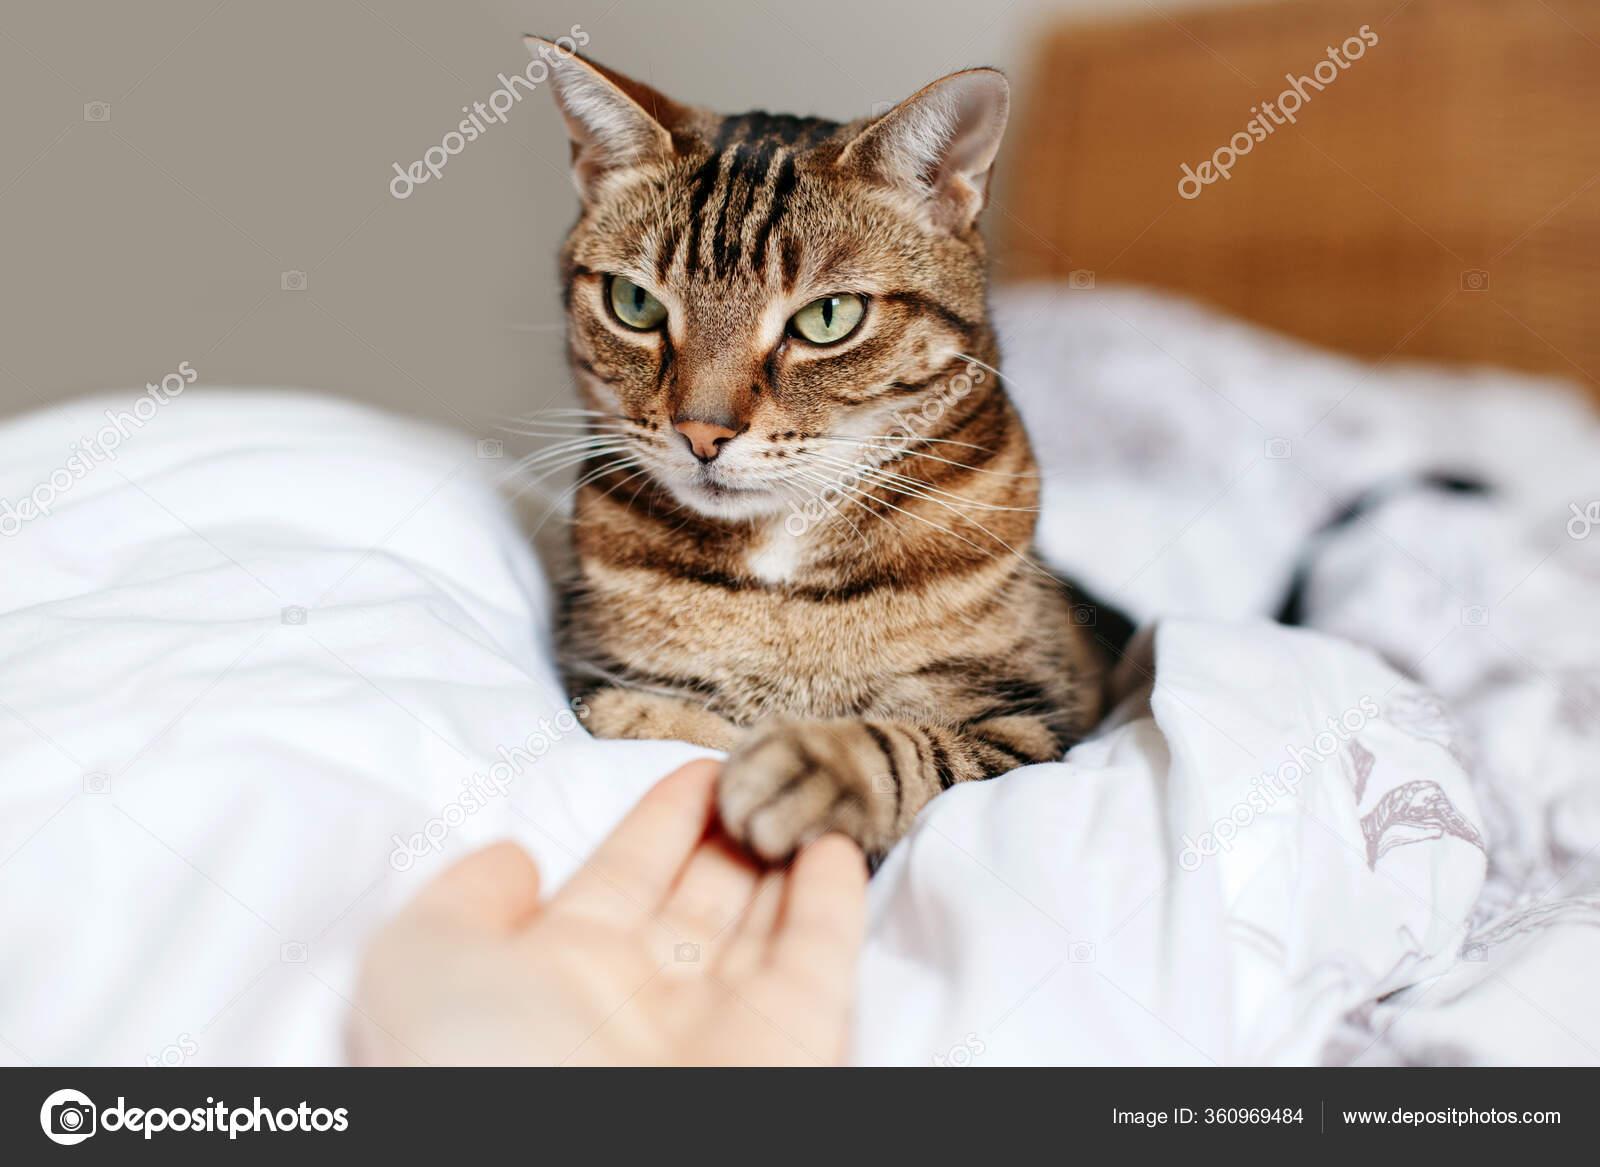 Mann frau hand berührt an der Körpersprache beim